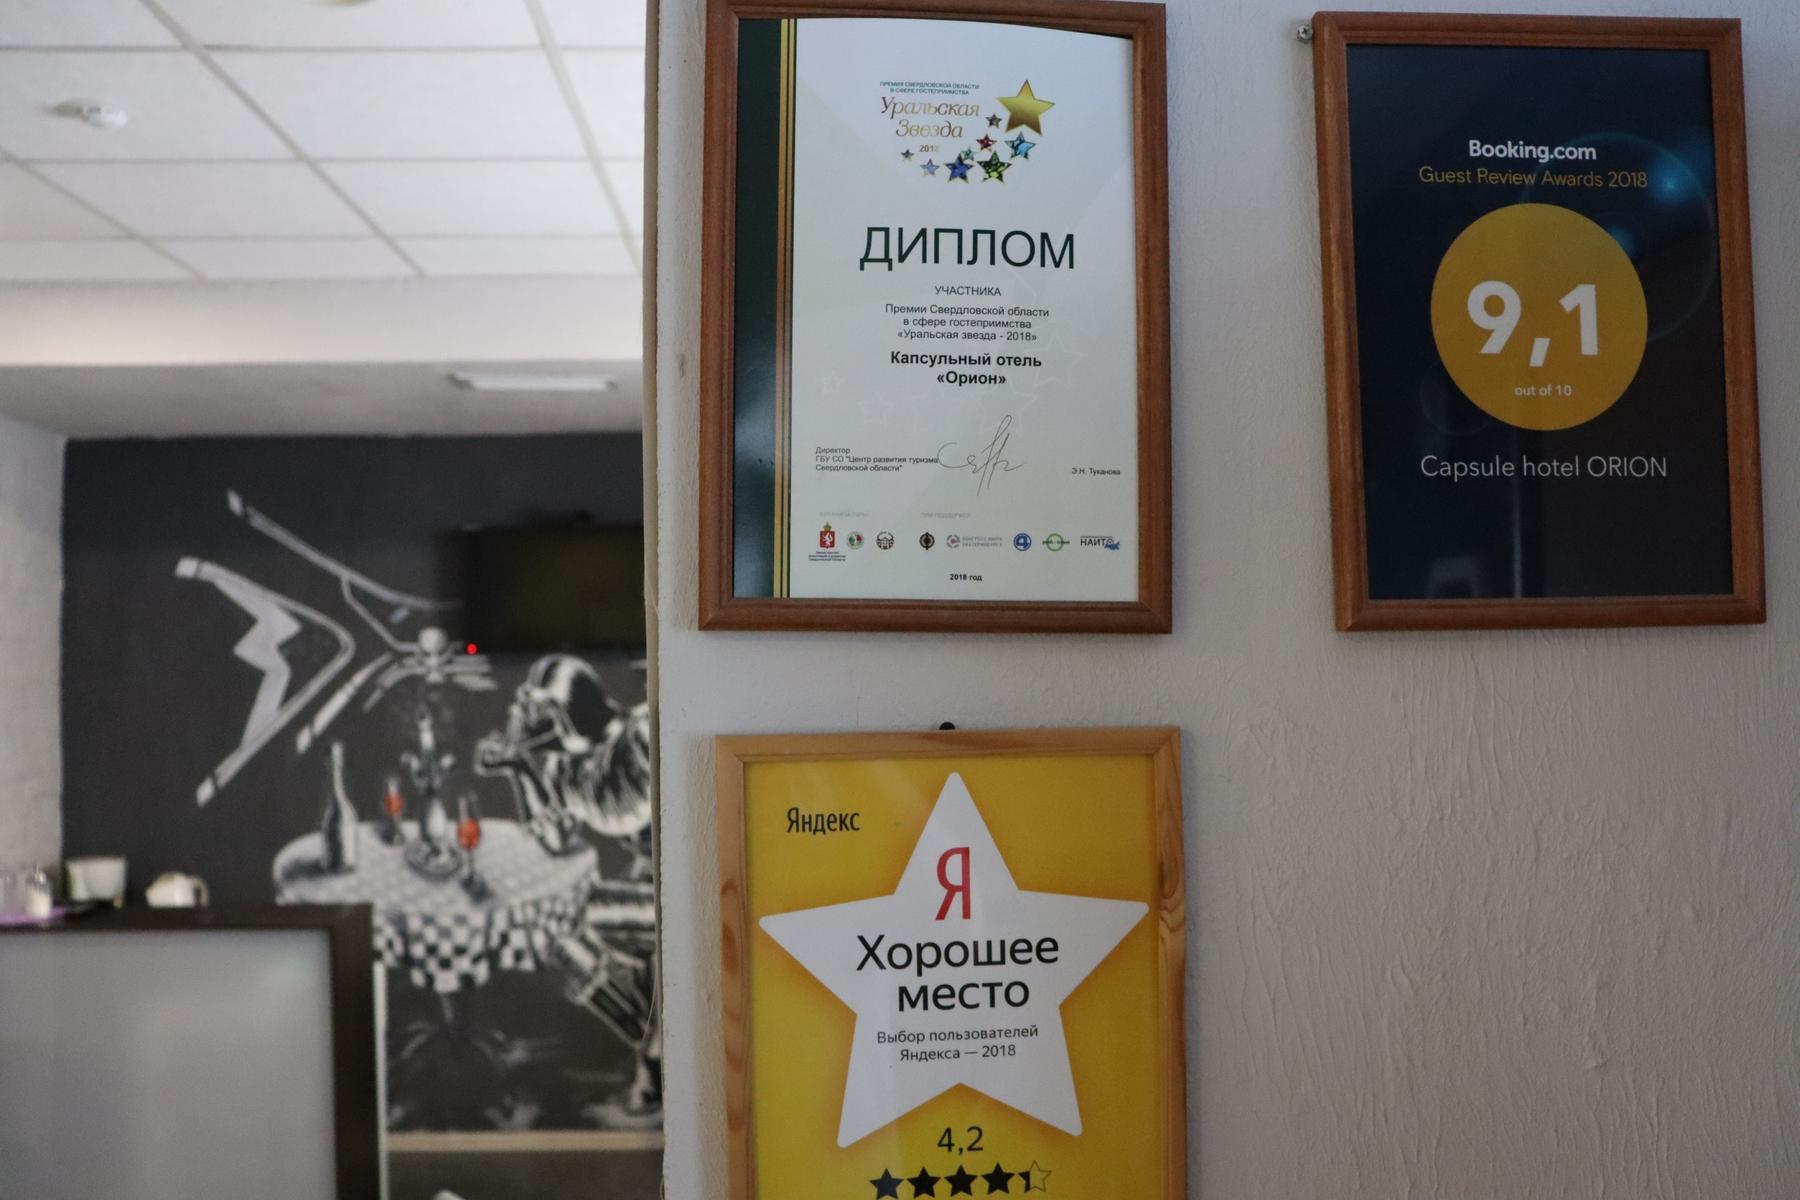 Кухня в капсульной гостинице «Орион»в Екатеринбурге